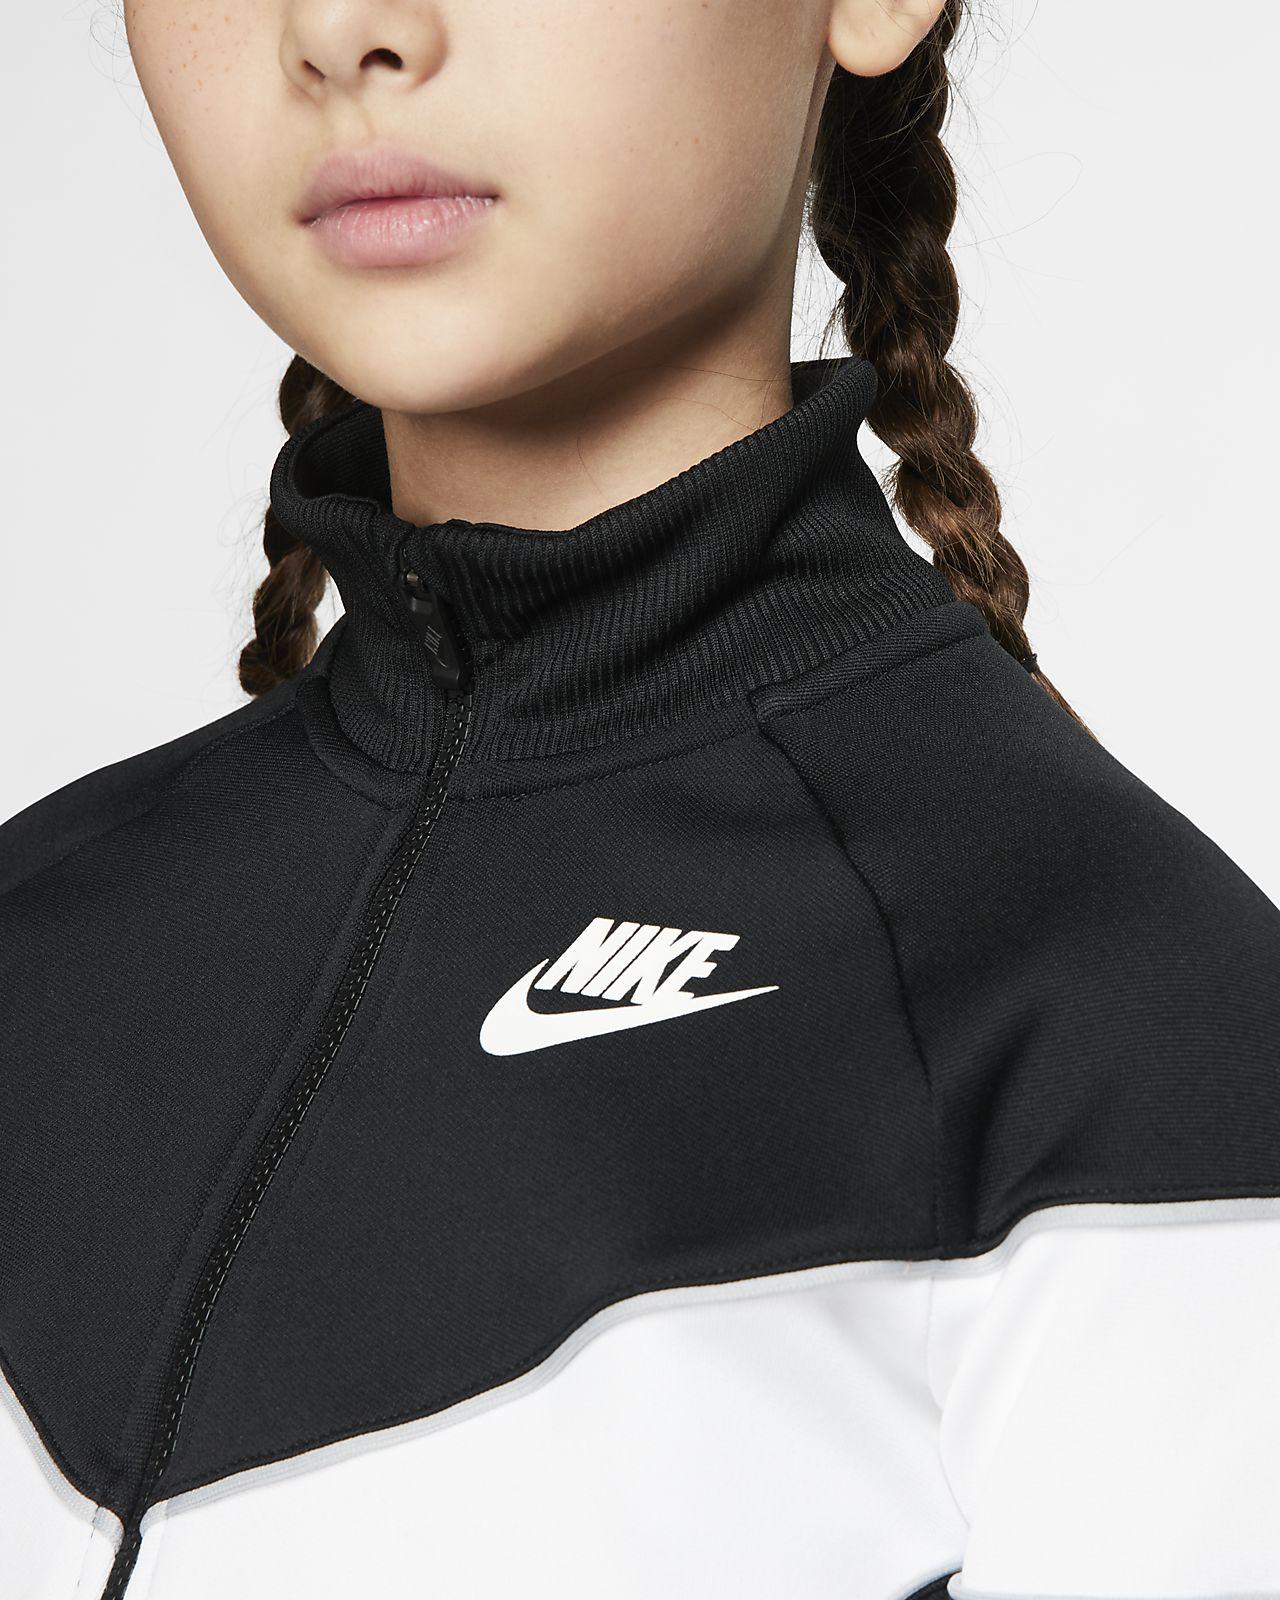 Con Chaqueta Heritage Nike Cremallera Completa Niña Sportswear lFKJc31uT